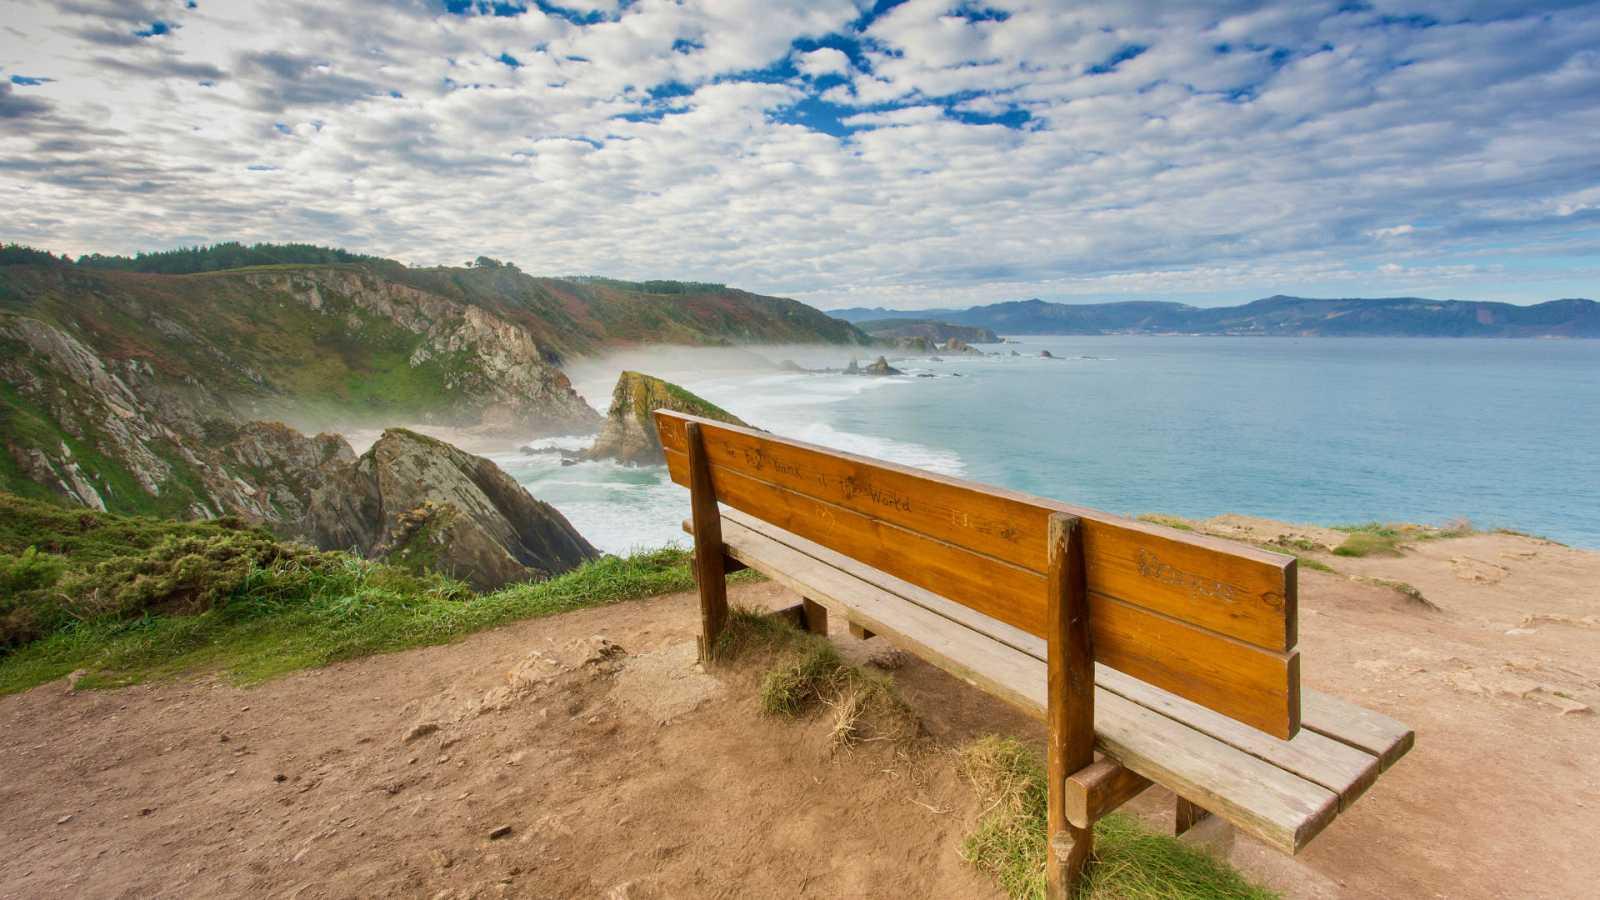 Global 5 - Proyecto Geoparque Cabo Ortegal (II): imán para el turismo - 01/10/20 - Escuchar ahora